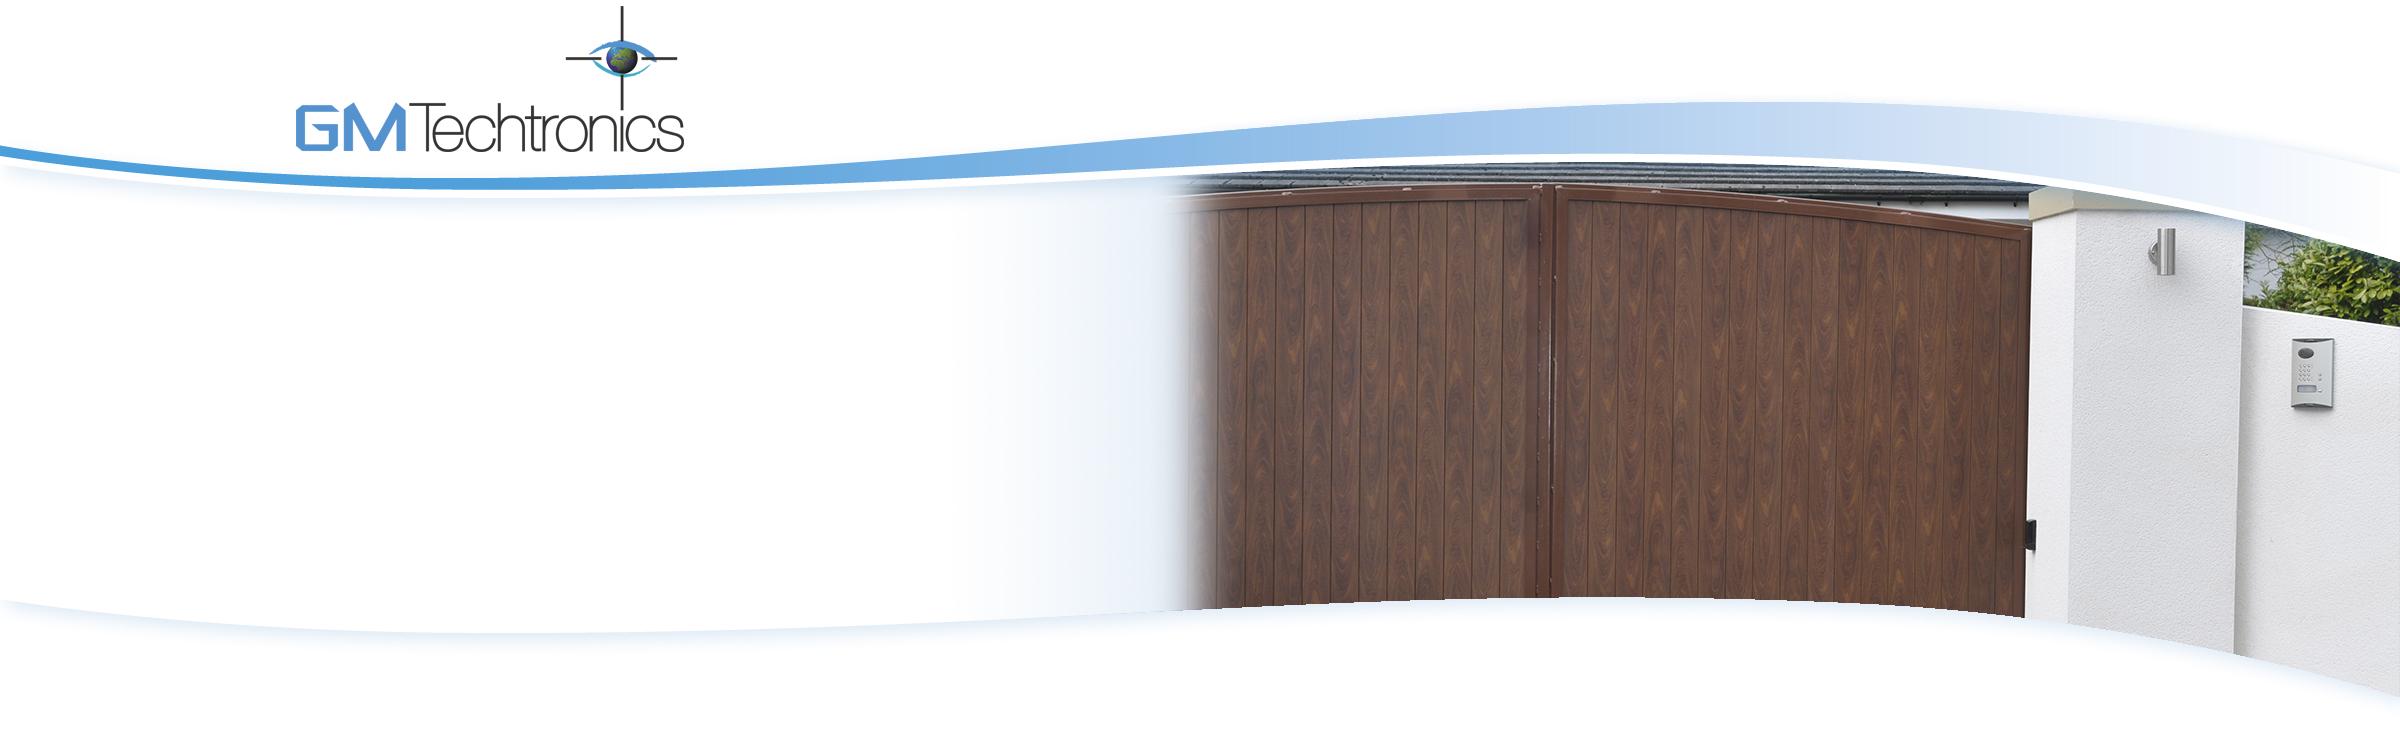 GM-Tech-slides-gate2